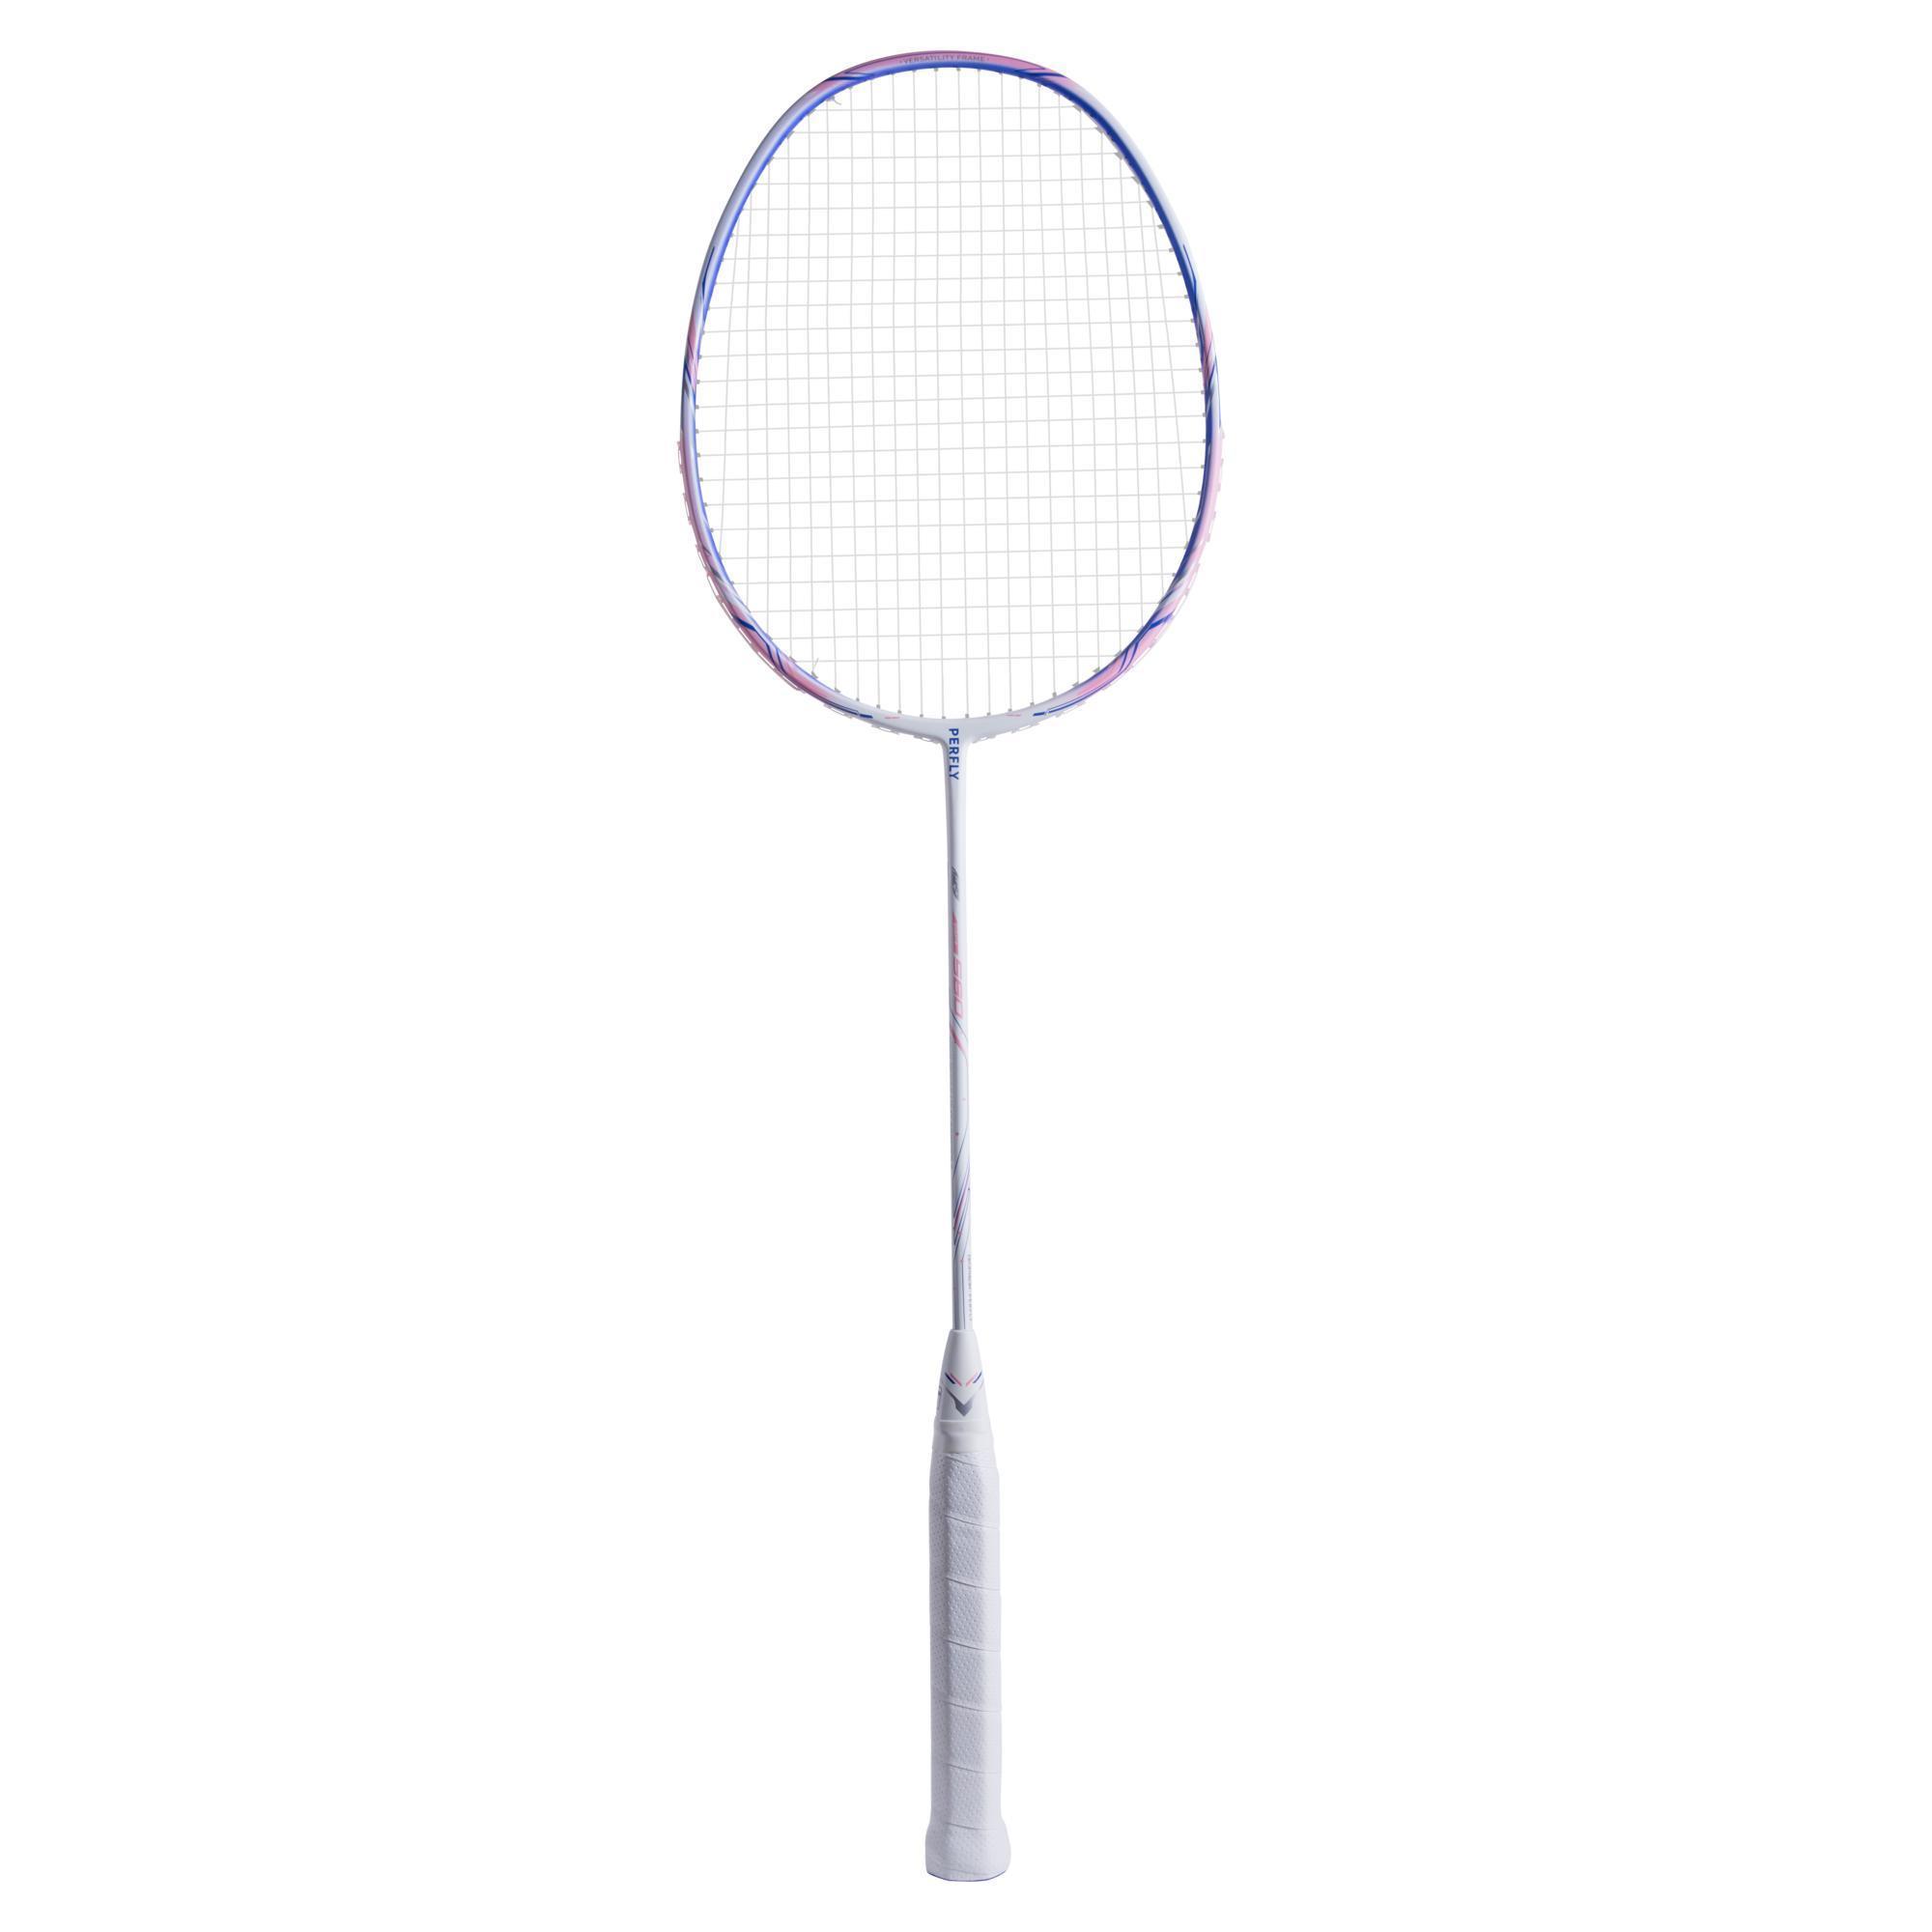 Perfly Badmintonracket voor volwassenen BR 560 Lite roze kopen